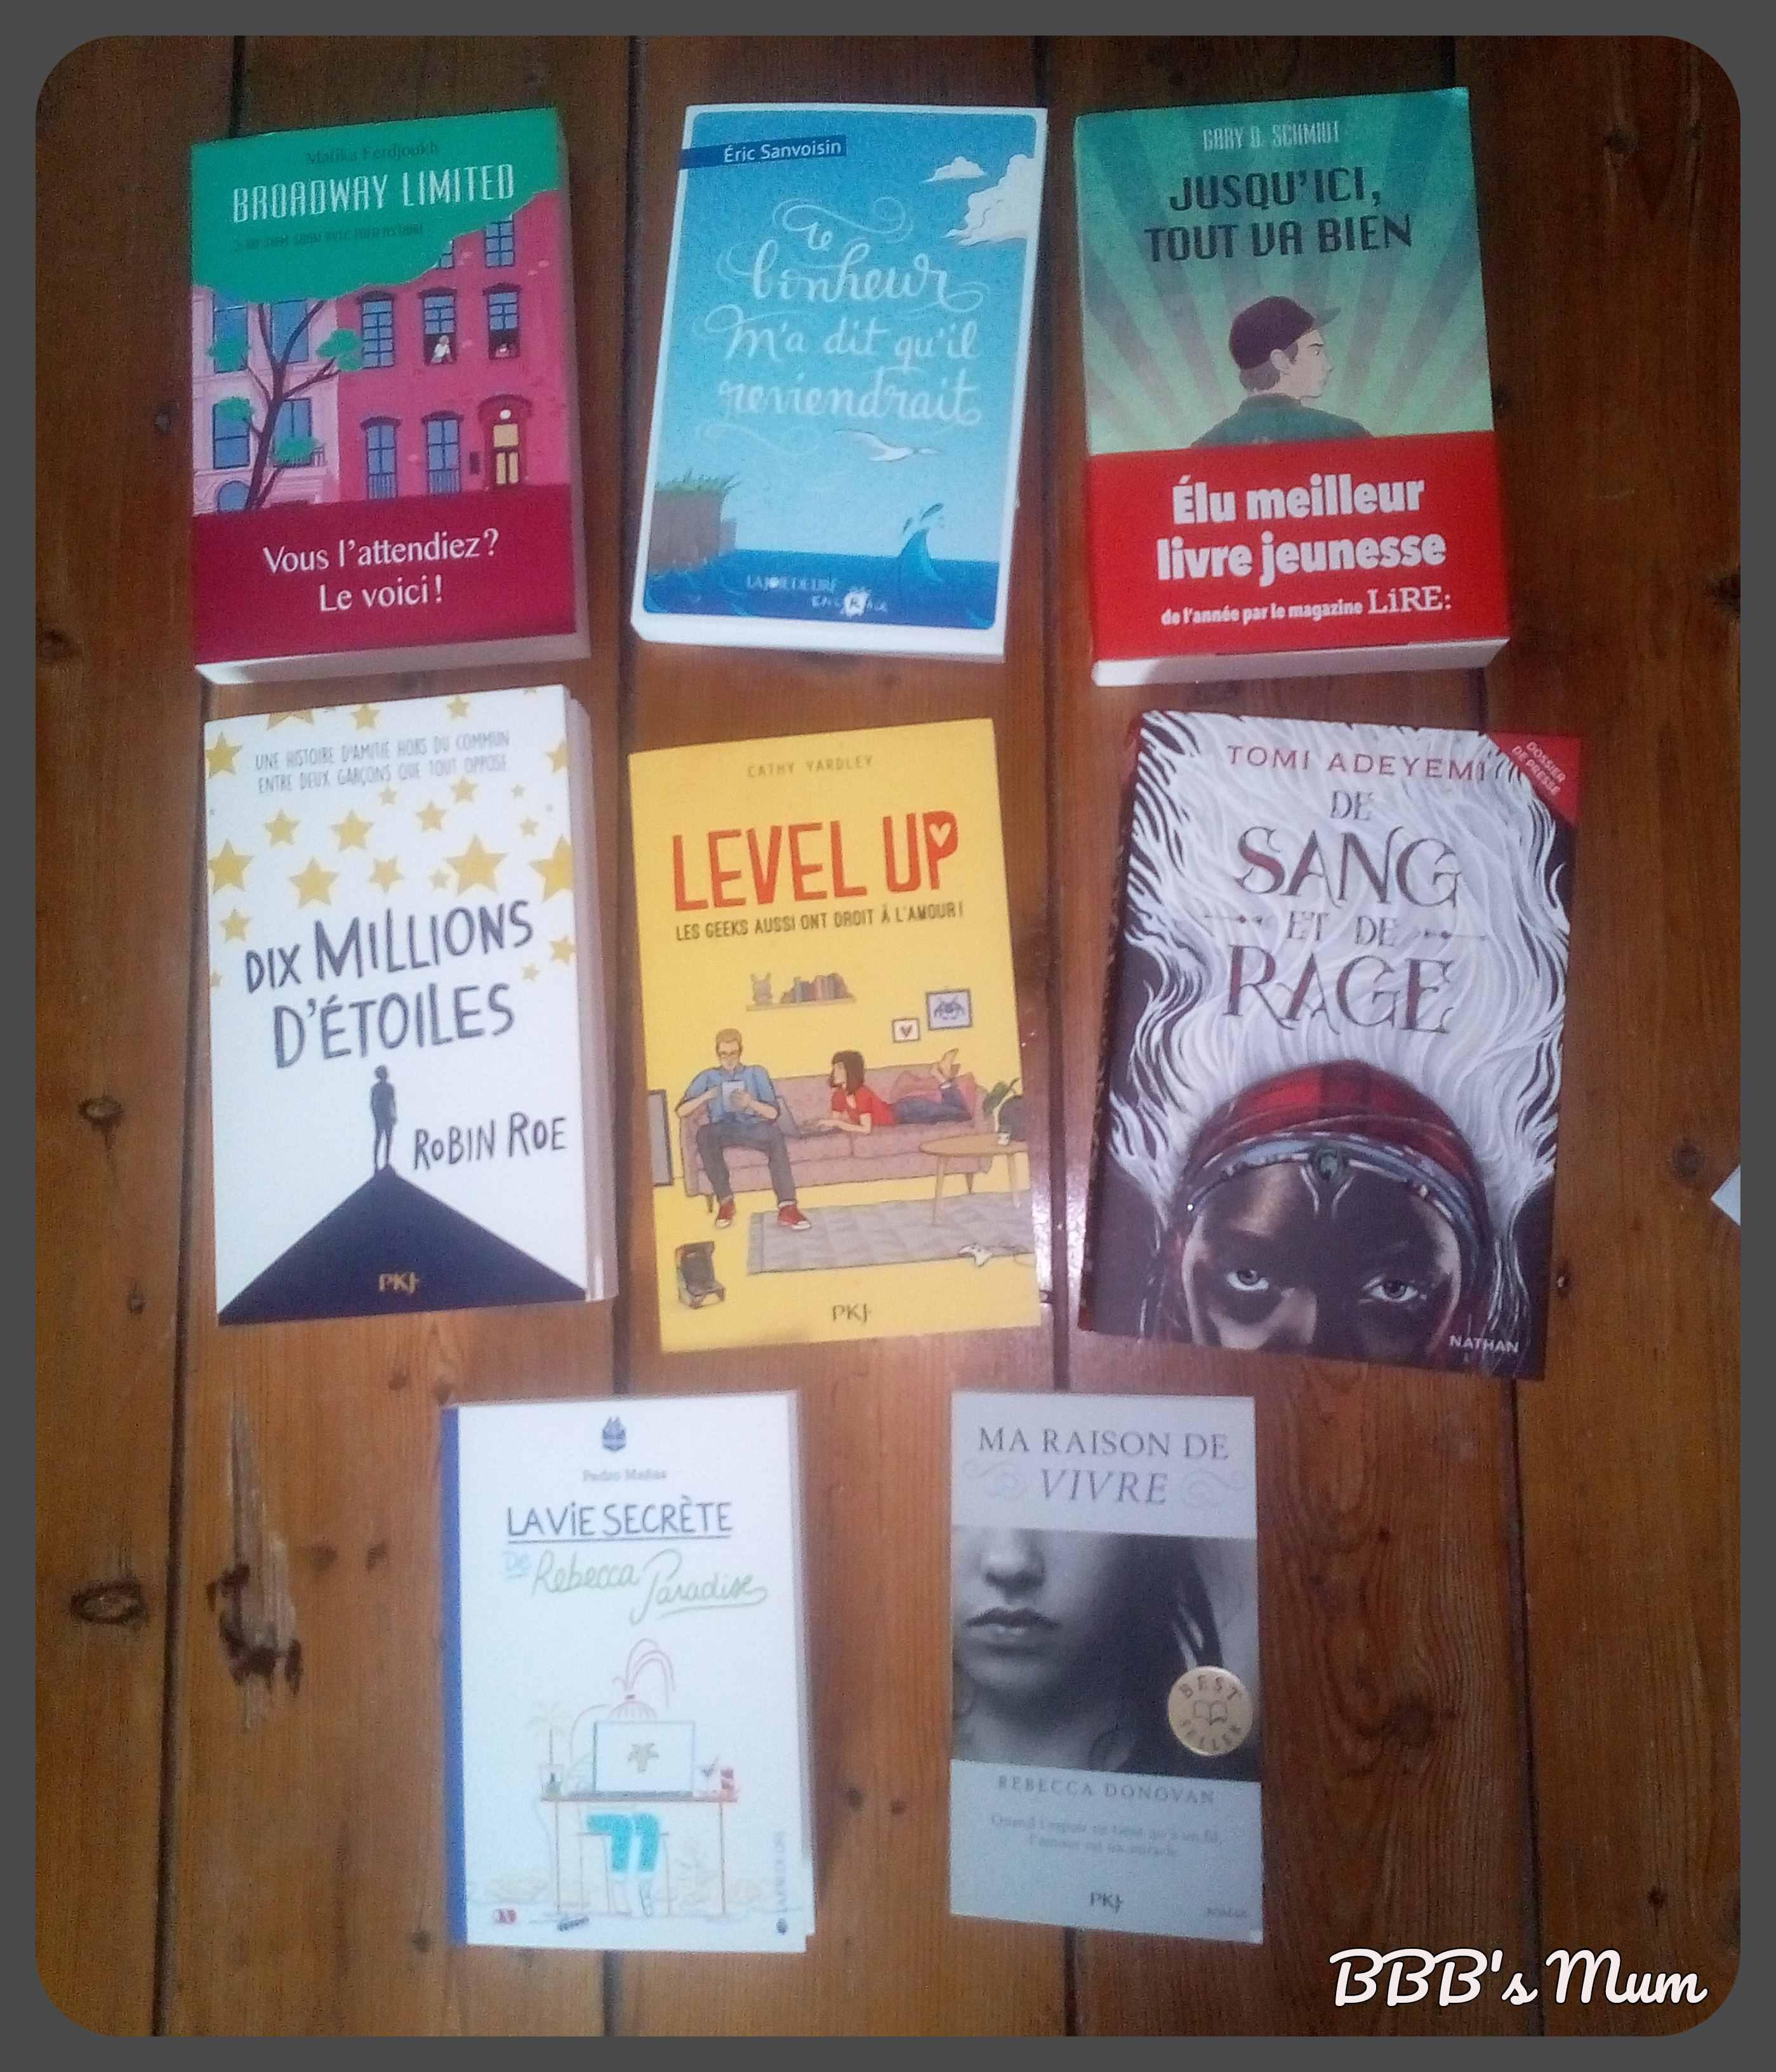 Idees Lectures Pour Les Ados Vacances Paques 2019 Bbb S Mum